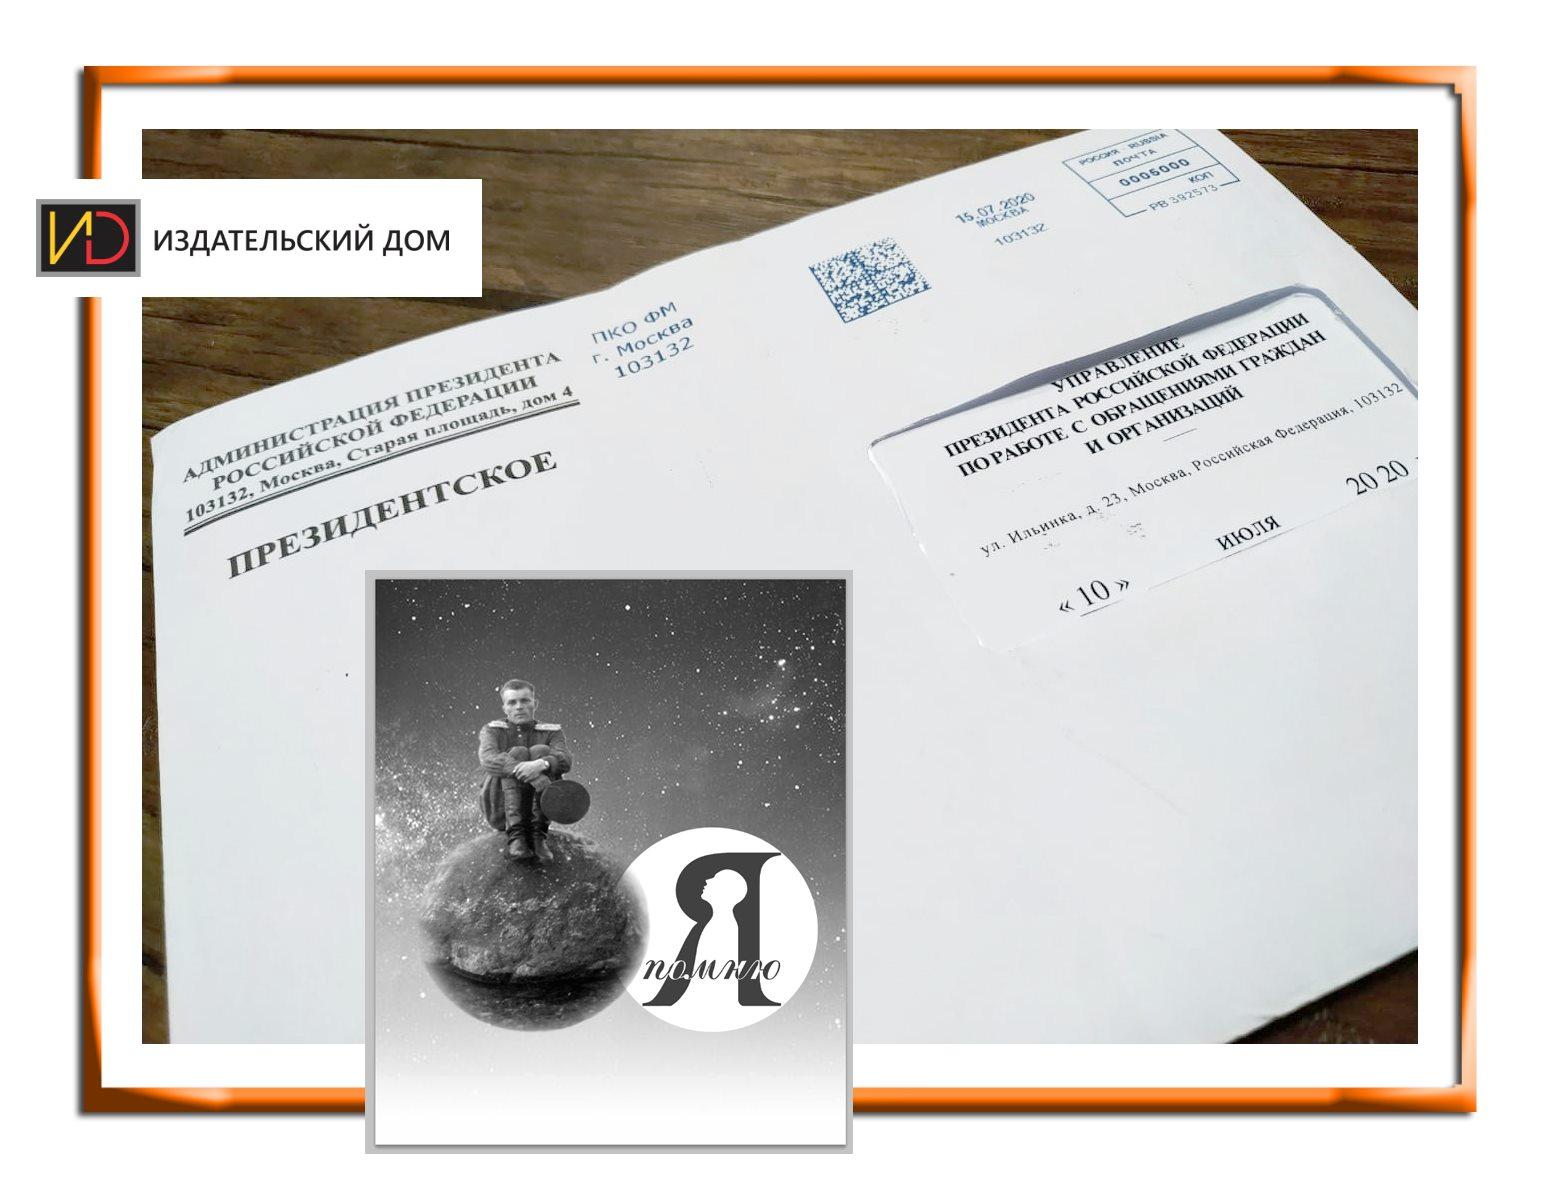 ОБРАТНЫЙ АДРЕС – АДМИНИСТРАЦИЯ ПРЕЗИДЕНТА РОССИЙСКОЙ ФЕДЕРАЦИИ